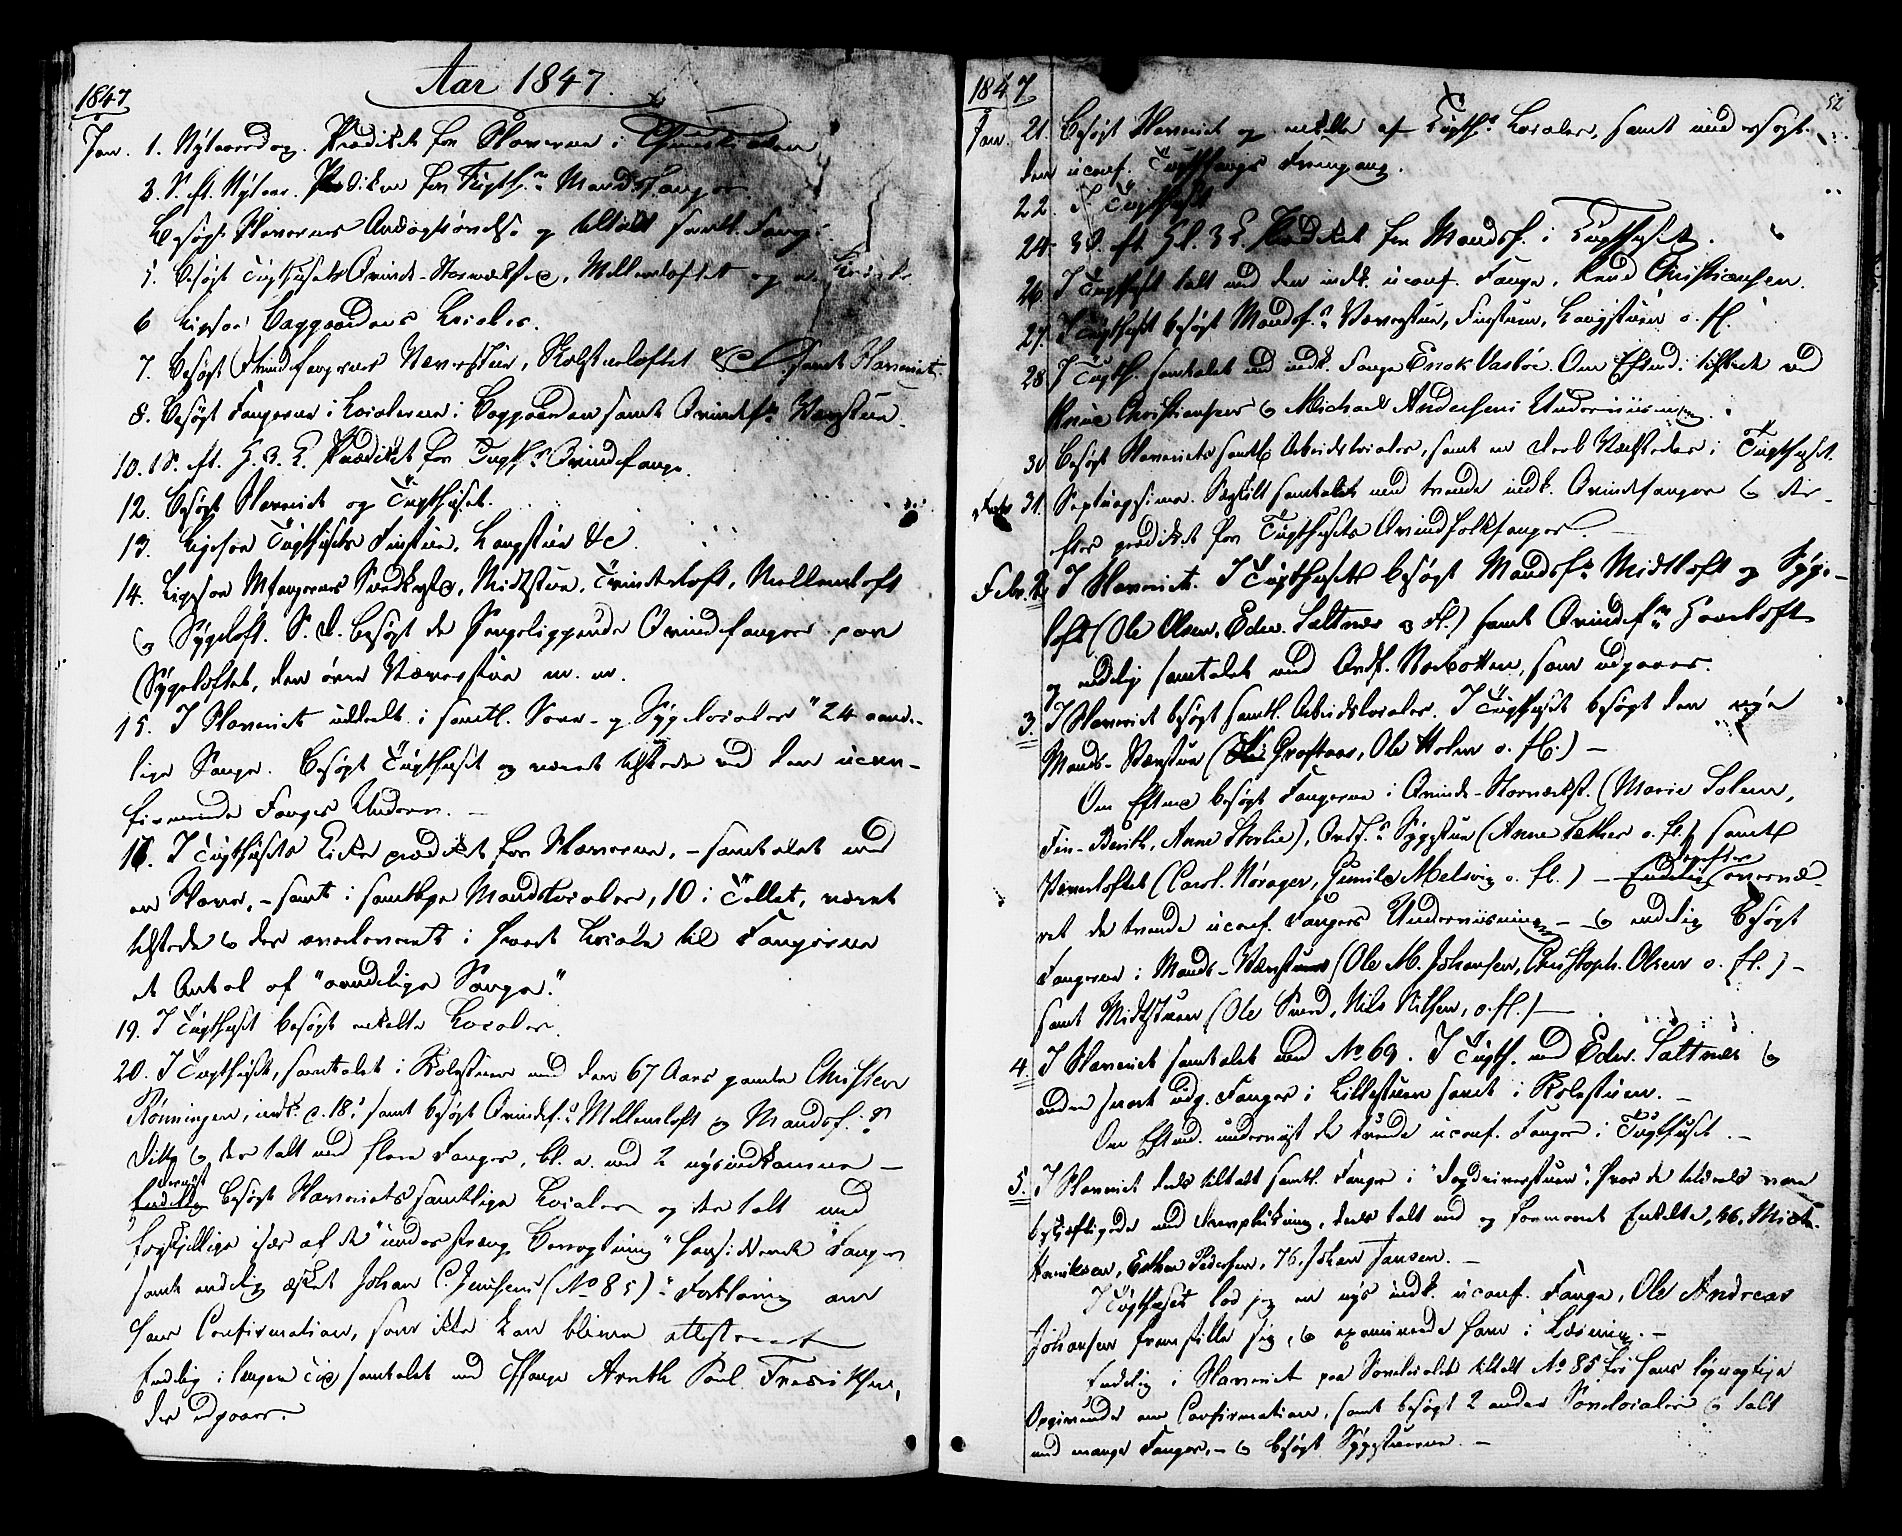 SAT, Ministerialprotokoller, klokkerbøker og fødselsregistre - Sør-Trøndelag, 624/L0480: Ministerialbok nr. 624A01, 1841-1864, s. 52